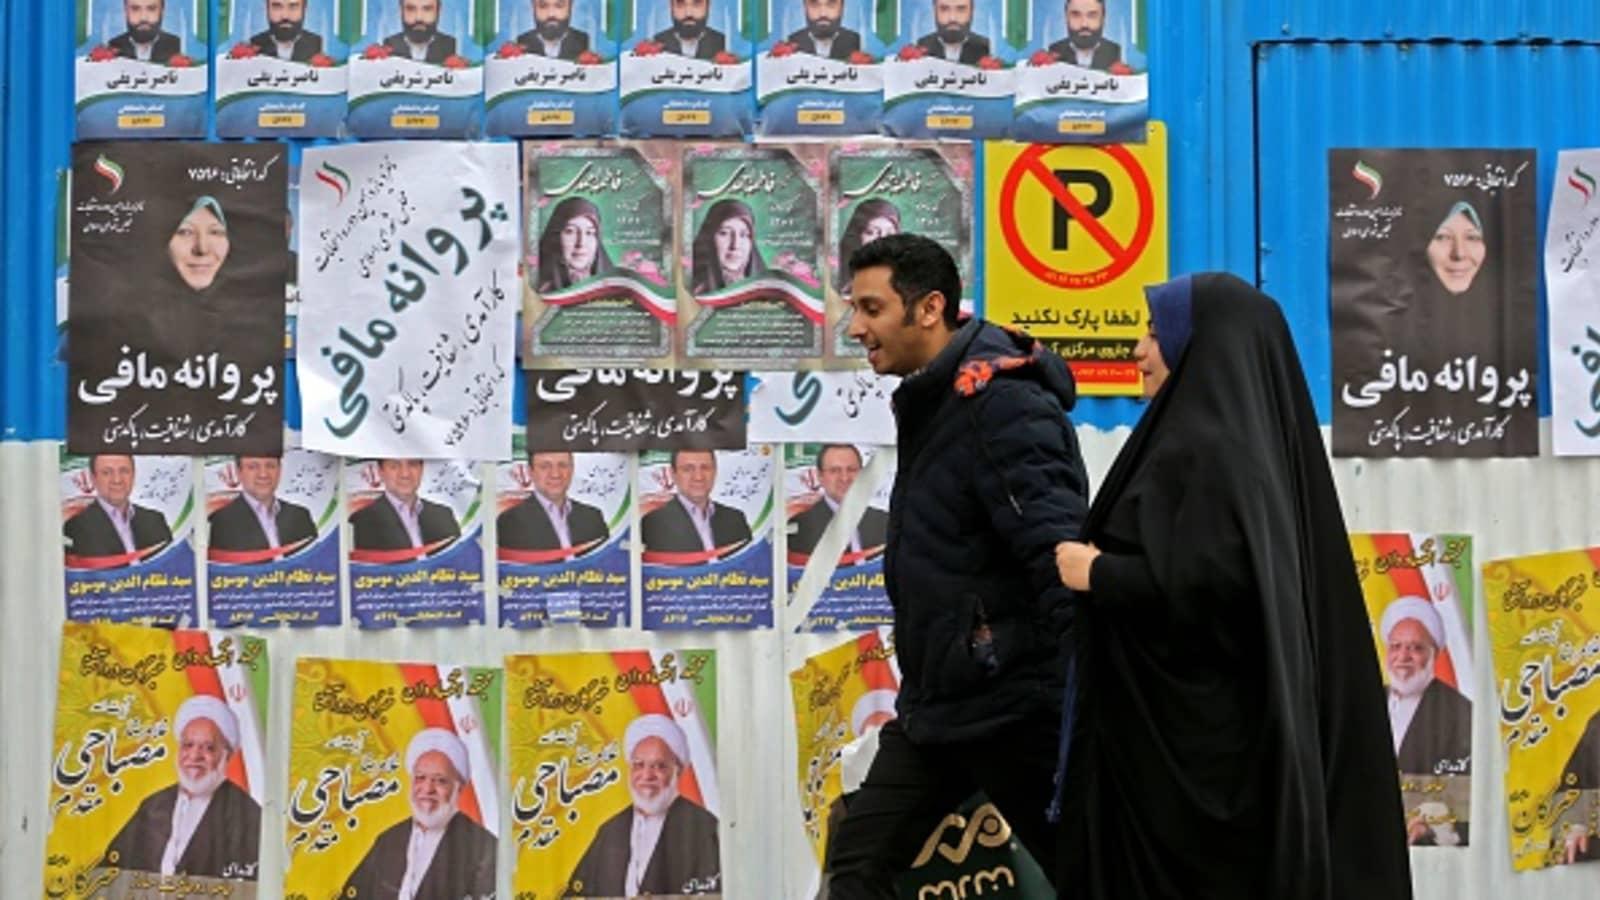 Zatvorena birališta u Iranu, konzervativci izgledni pobjednici